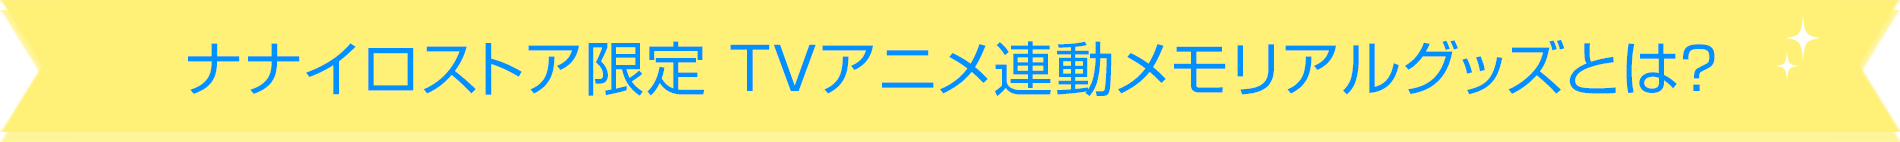 ナナイロストア限定 TVアニメ連動メモリアルグッズとは?